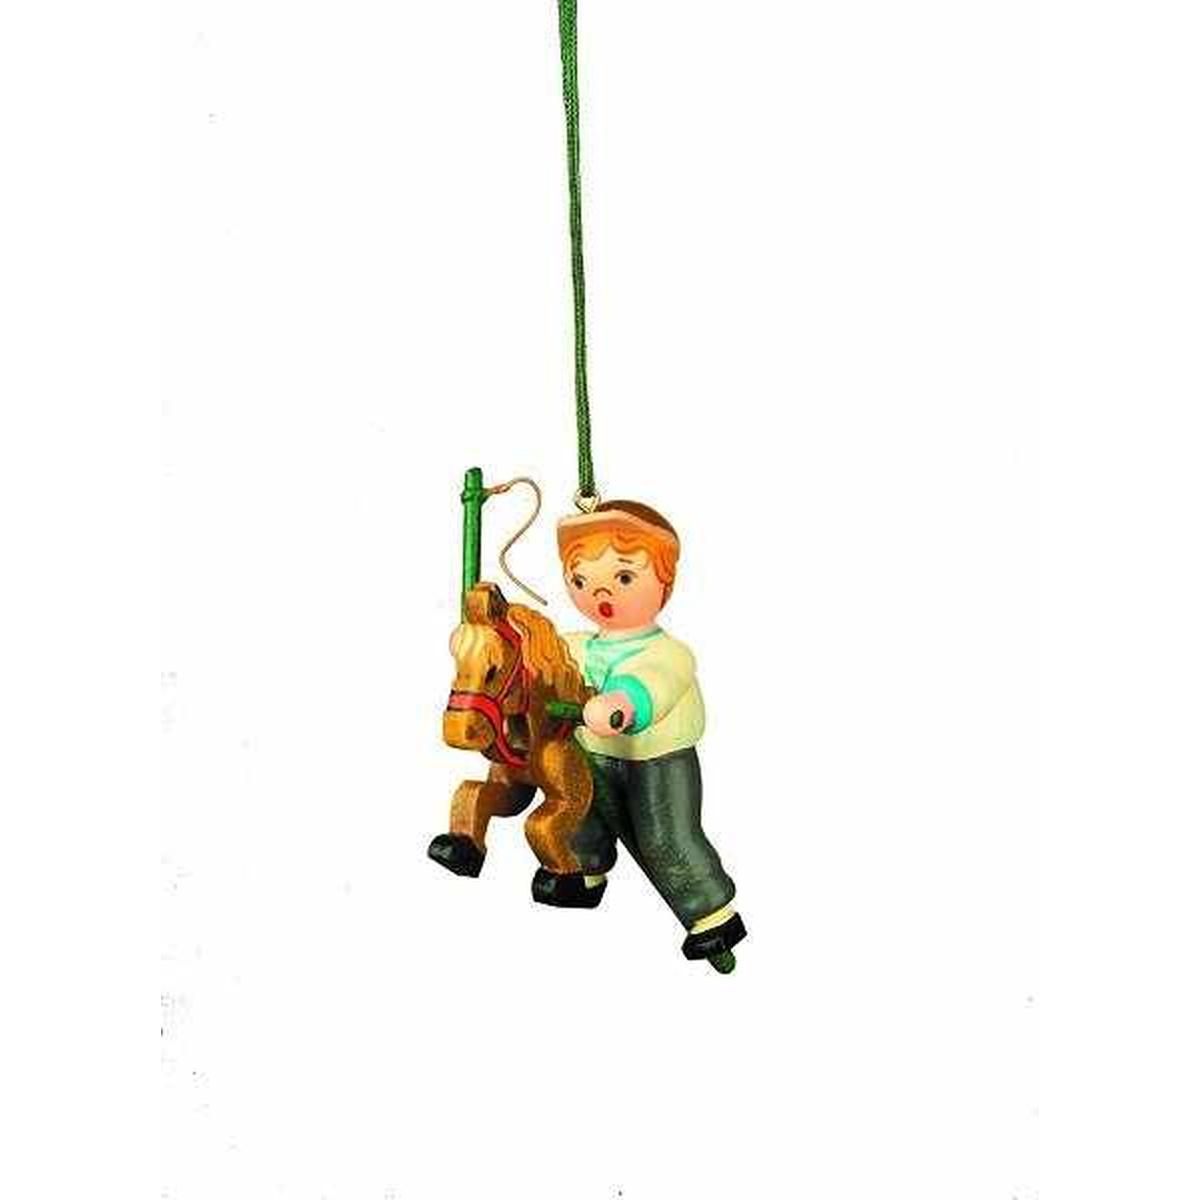 Baumbehang mein steckenpferd von hubrig volkskunst f r 15 - Weihnachtsdeko figuren ...